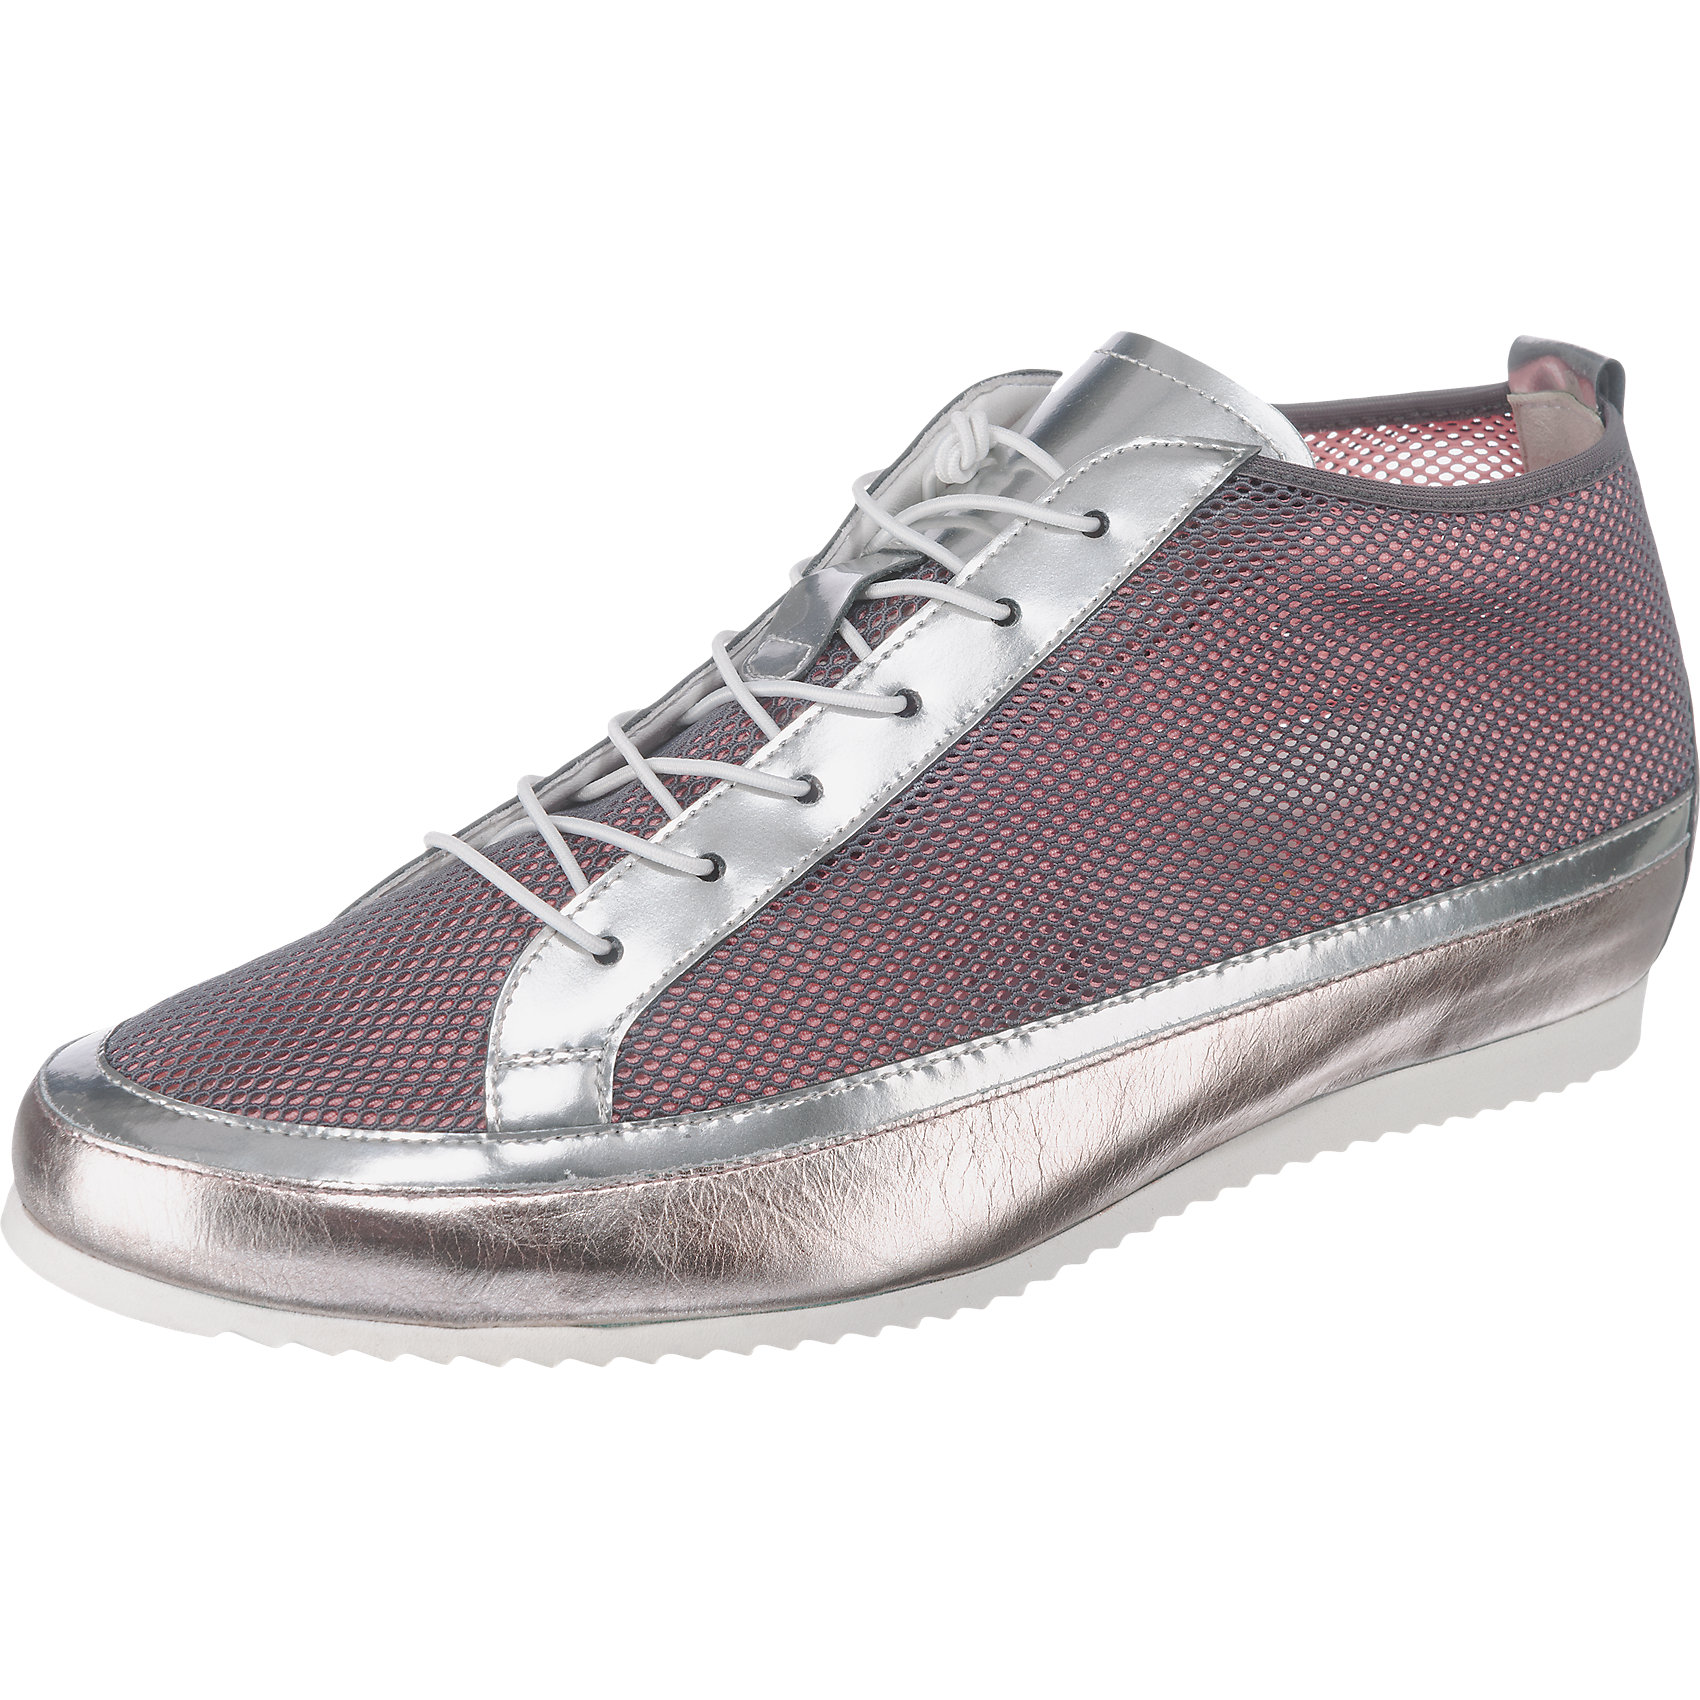 de4a1d69b1f7 ... Nike Nike Nike Zoom Speed TR3 Zapatillas Running Hombre 804401 414  Zapatillas 6f8d99 ...